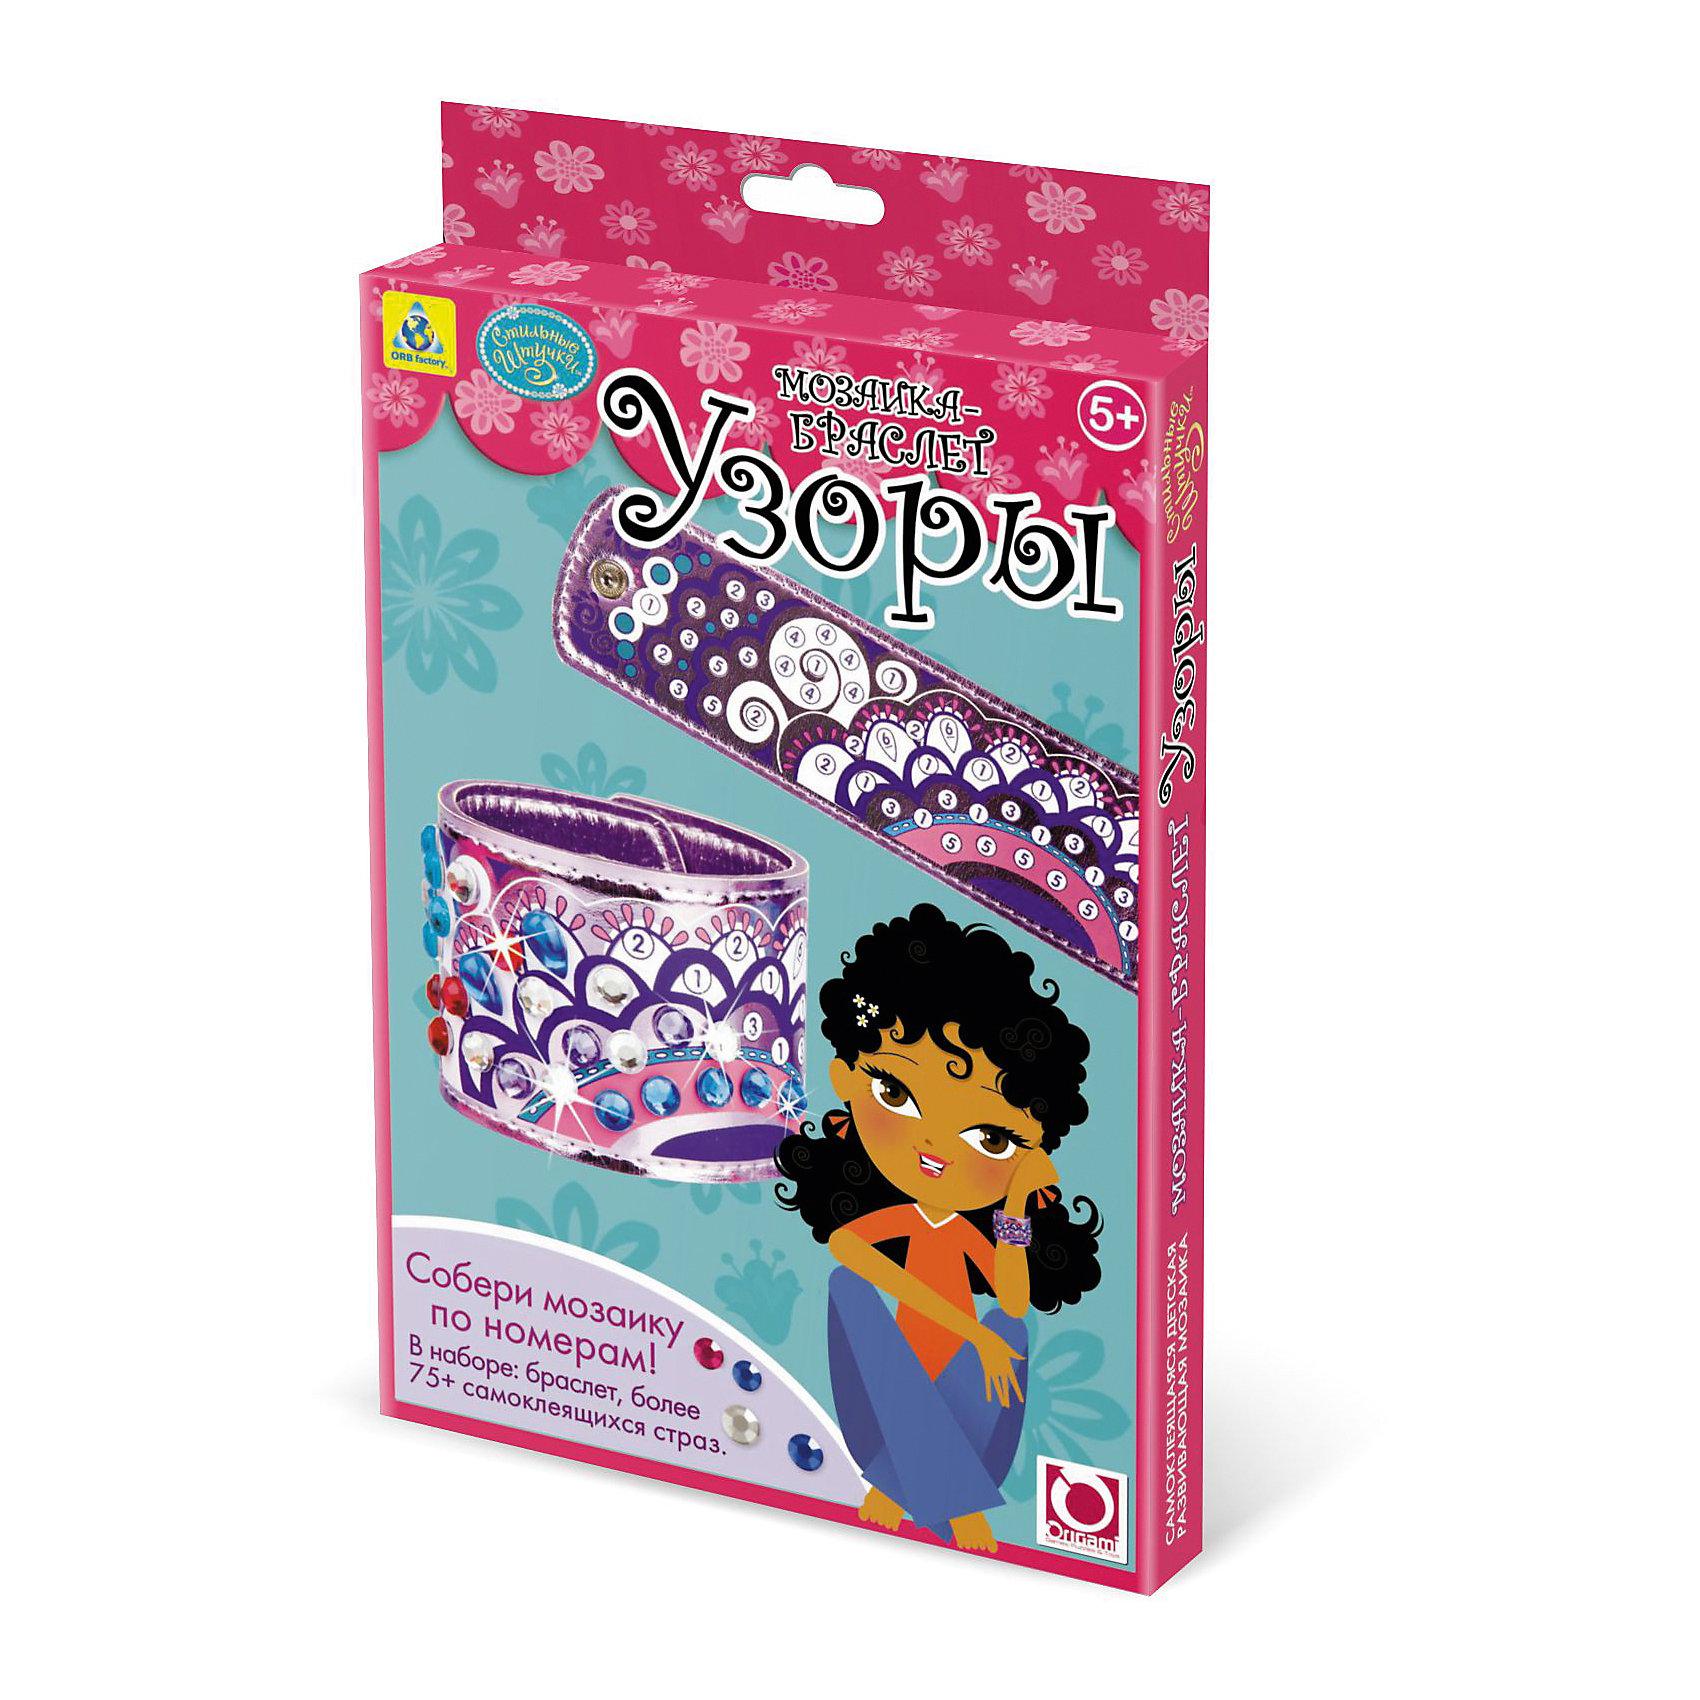 Мозаика-браслет Узоры, ОригамиМозаика-браслет Узоры, Оригами – набор, который поможет девочке без особого труда создать оригинальный браслет.<br>Мозаика-браслет Узоры непременно понравится вашей девочке. В набор входит основа для браслета, которую требуется украсить. Для декорирования браслета в комплекте есть разнообразные цветные и блестящие стразы. Они обладают самоклеящейся основой, так что при работе с поделкой не нужен будет клей. Самоклеящиеся стразы нужно наносить на браслет по номерам, а можно самой придумать узор, используя самые удивительные сочетания. Наклеив правильно все разноцветные стразы, у вашей девочки получится обворожительный сверкающий браслет. Умная мозаика с самоклеящимися элементами отличается высоким качеством исполнения и красочным цветовым дизайном. Данный набор прекрасно развивает моторику рук и пространственное мышление, а также воображение и внимательность.<br><br>Дополнительная информация:<br><br>- В наборе: браслет, более 75 самоклеящихся страз<br>- Размер упаковки: 146х19х235 мм.<br>- Вес упаковки: 100 гр.<br><br>Мозаику-браслет Узоры, Оригами можно купить в нашем интернет-магазине.<br><br>Ширина мм: 146<br>Глубина мм: 19<br>Высота мм: 235<br>Вес г: 93<br>Возраст от месяцев: 48<br>Возраст до месяцев: 96<br>Пол: Женский<br>Возраст: Детский<br>SKU: 4075996